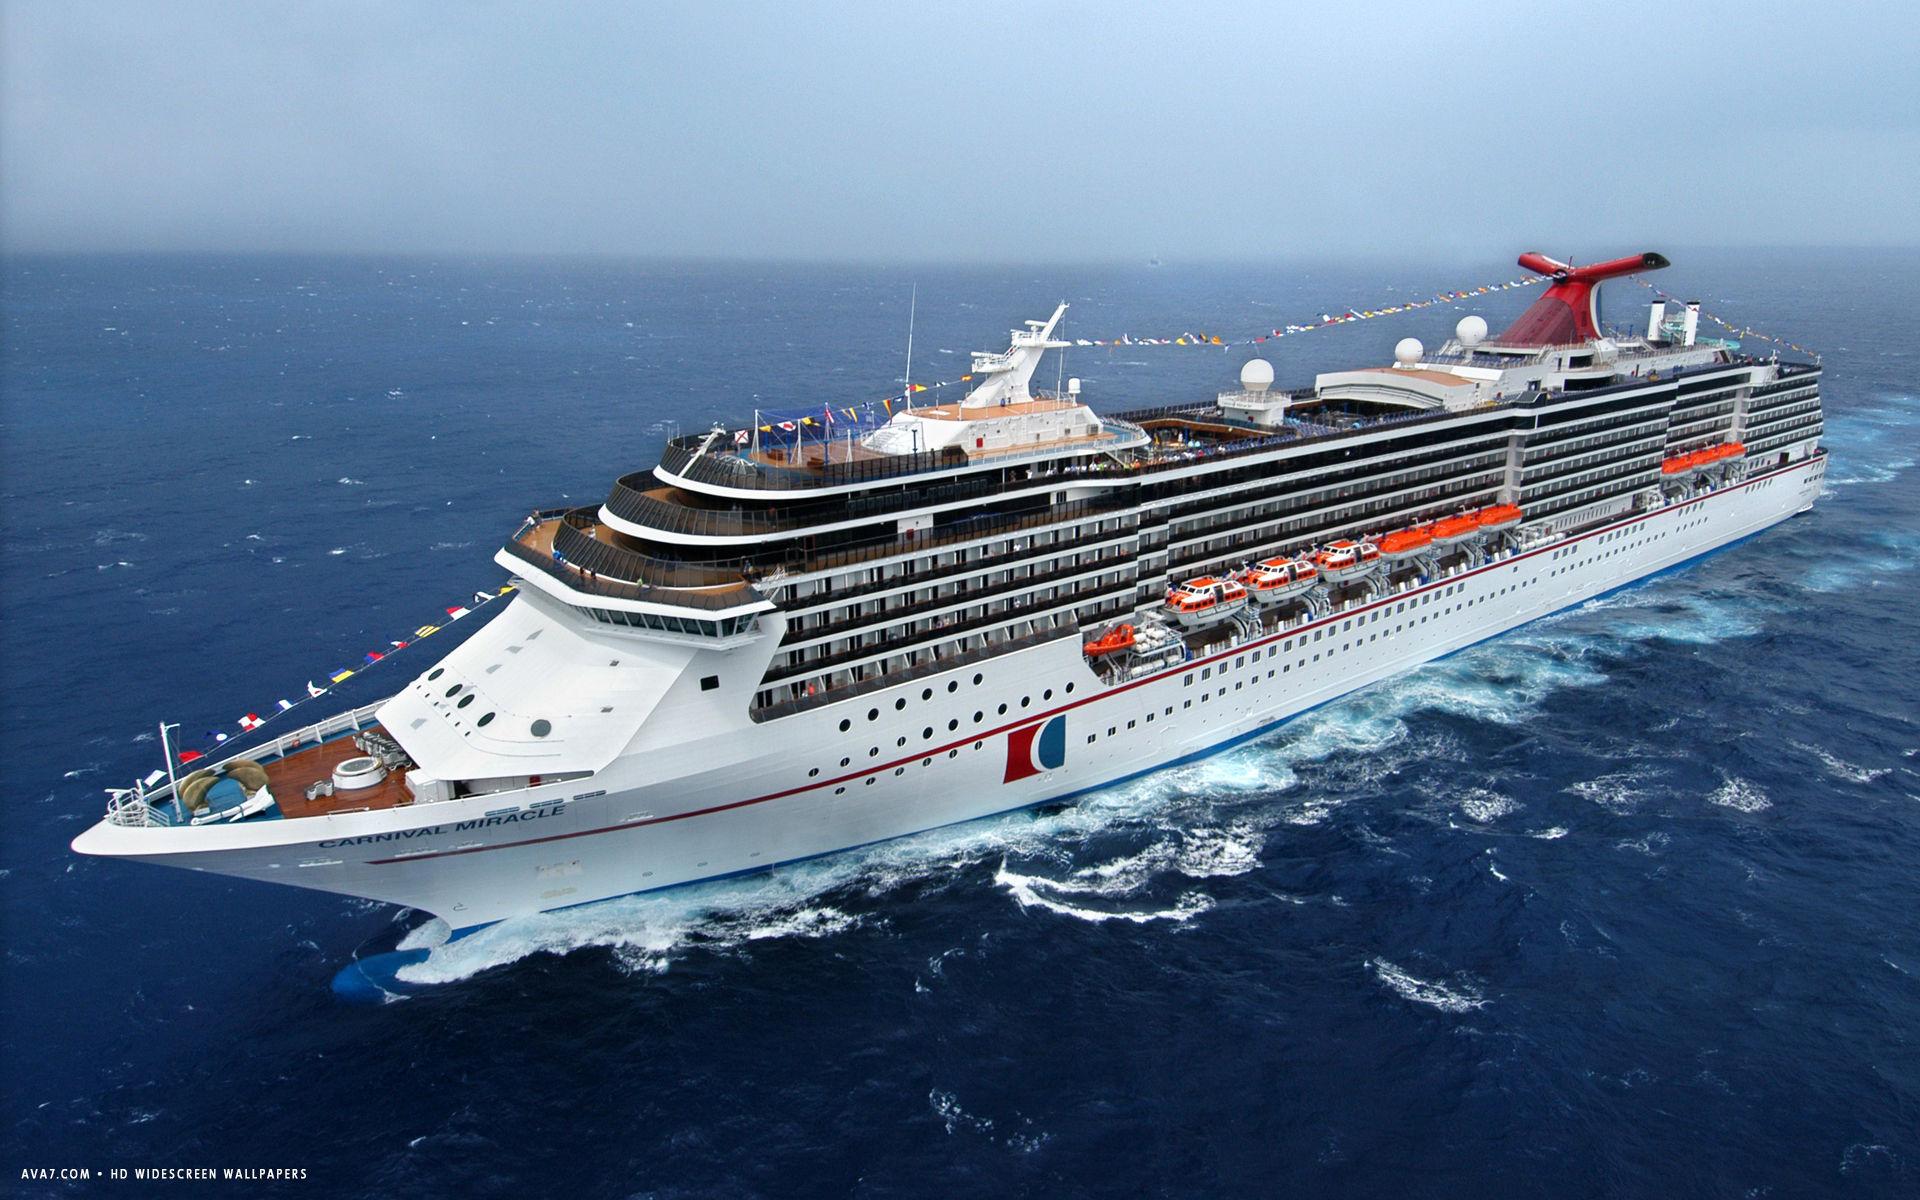 miracle cruise ship hd widescreen wallpaper cruise ships backgrounds 1920x1200